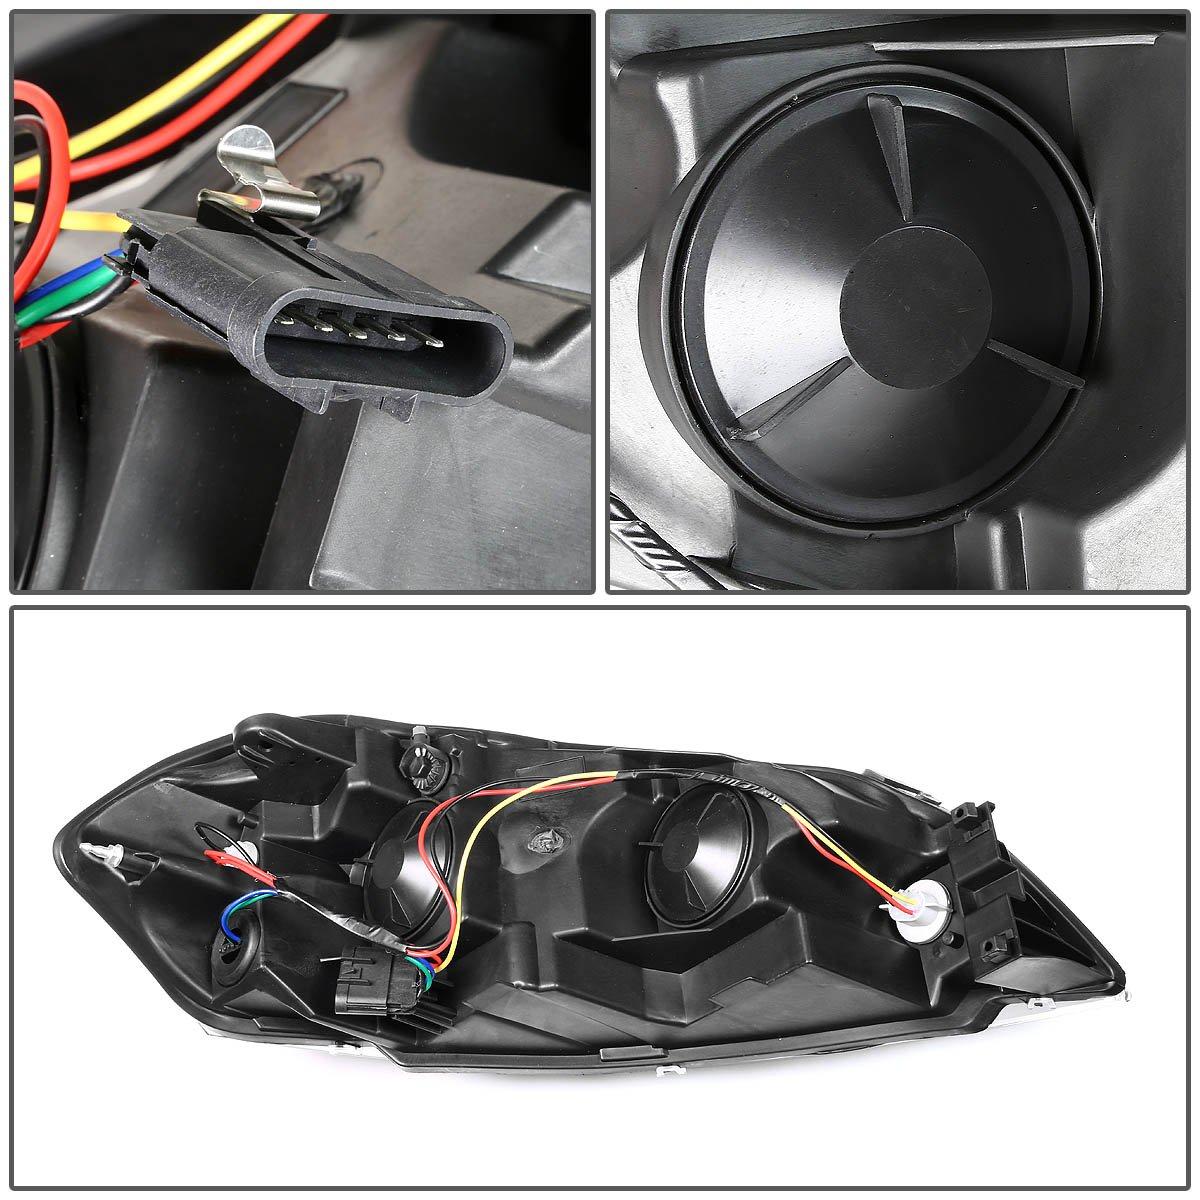 Impala 99 chevy impala : Amazon.com: Chevy Impala/Monte Carlo Headlight Assembly (Black ...